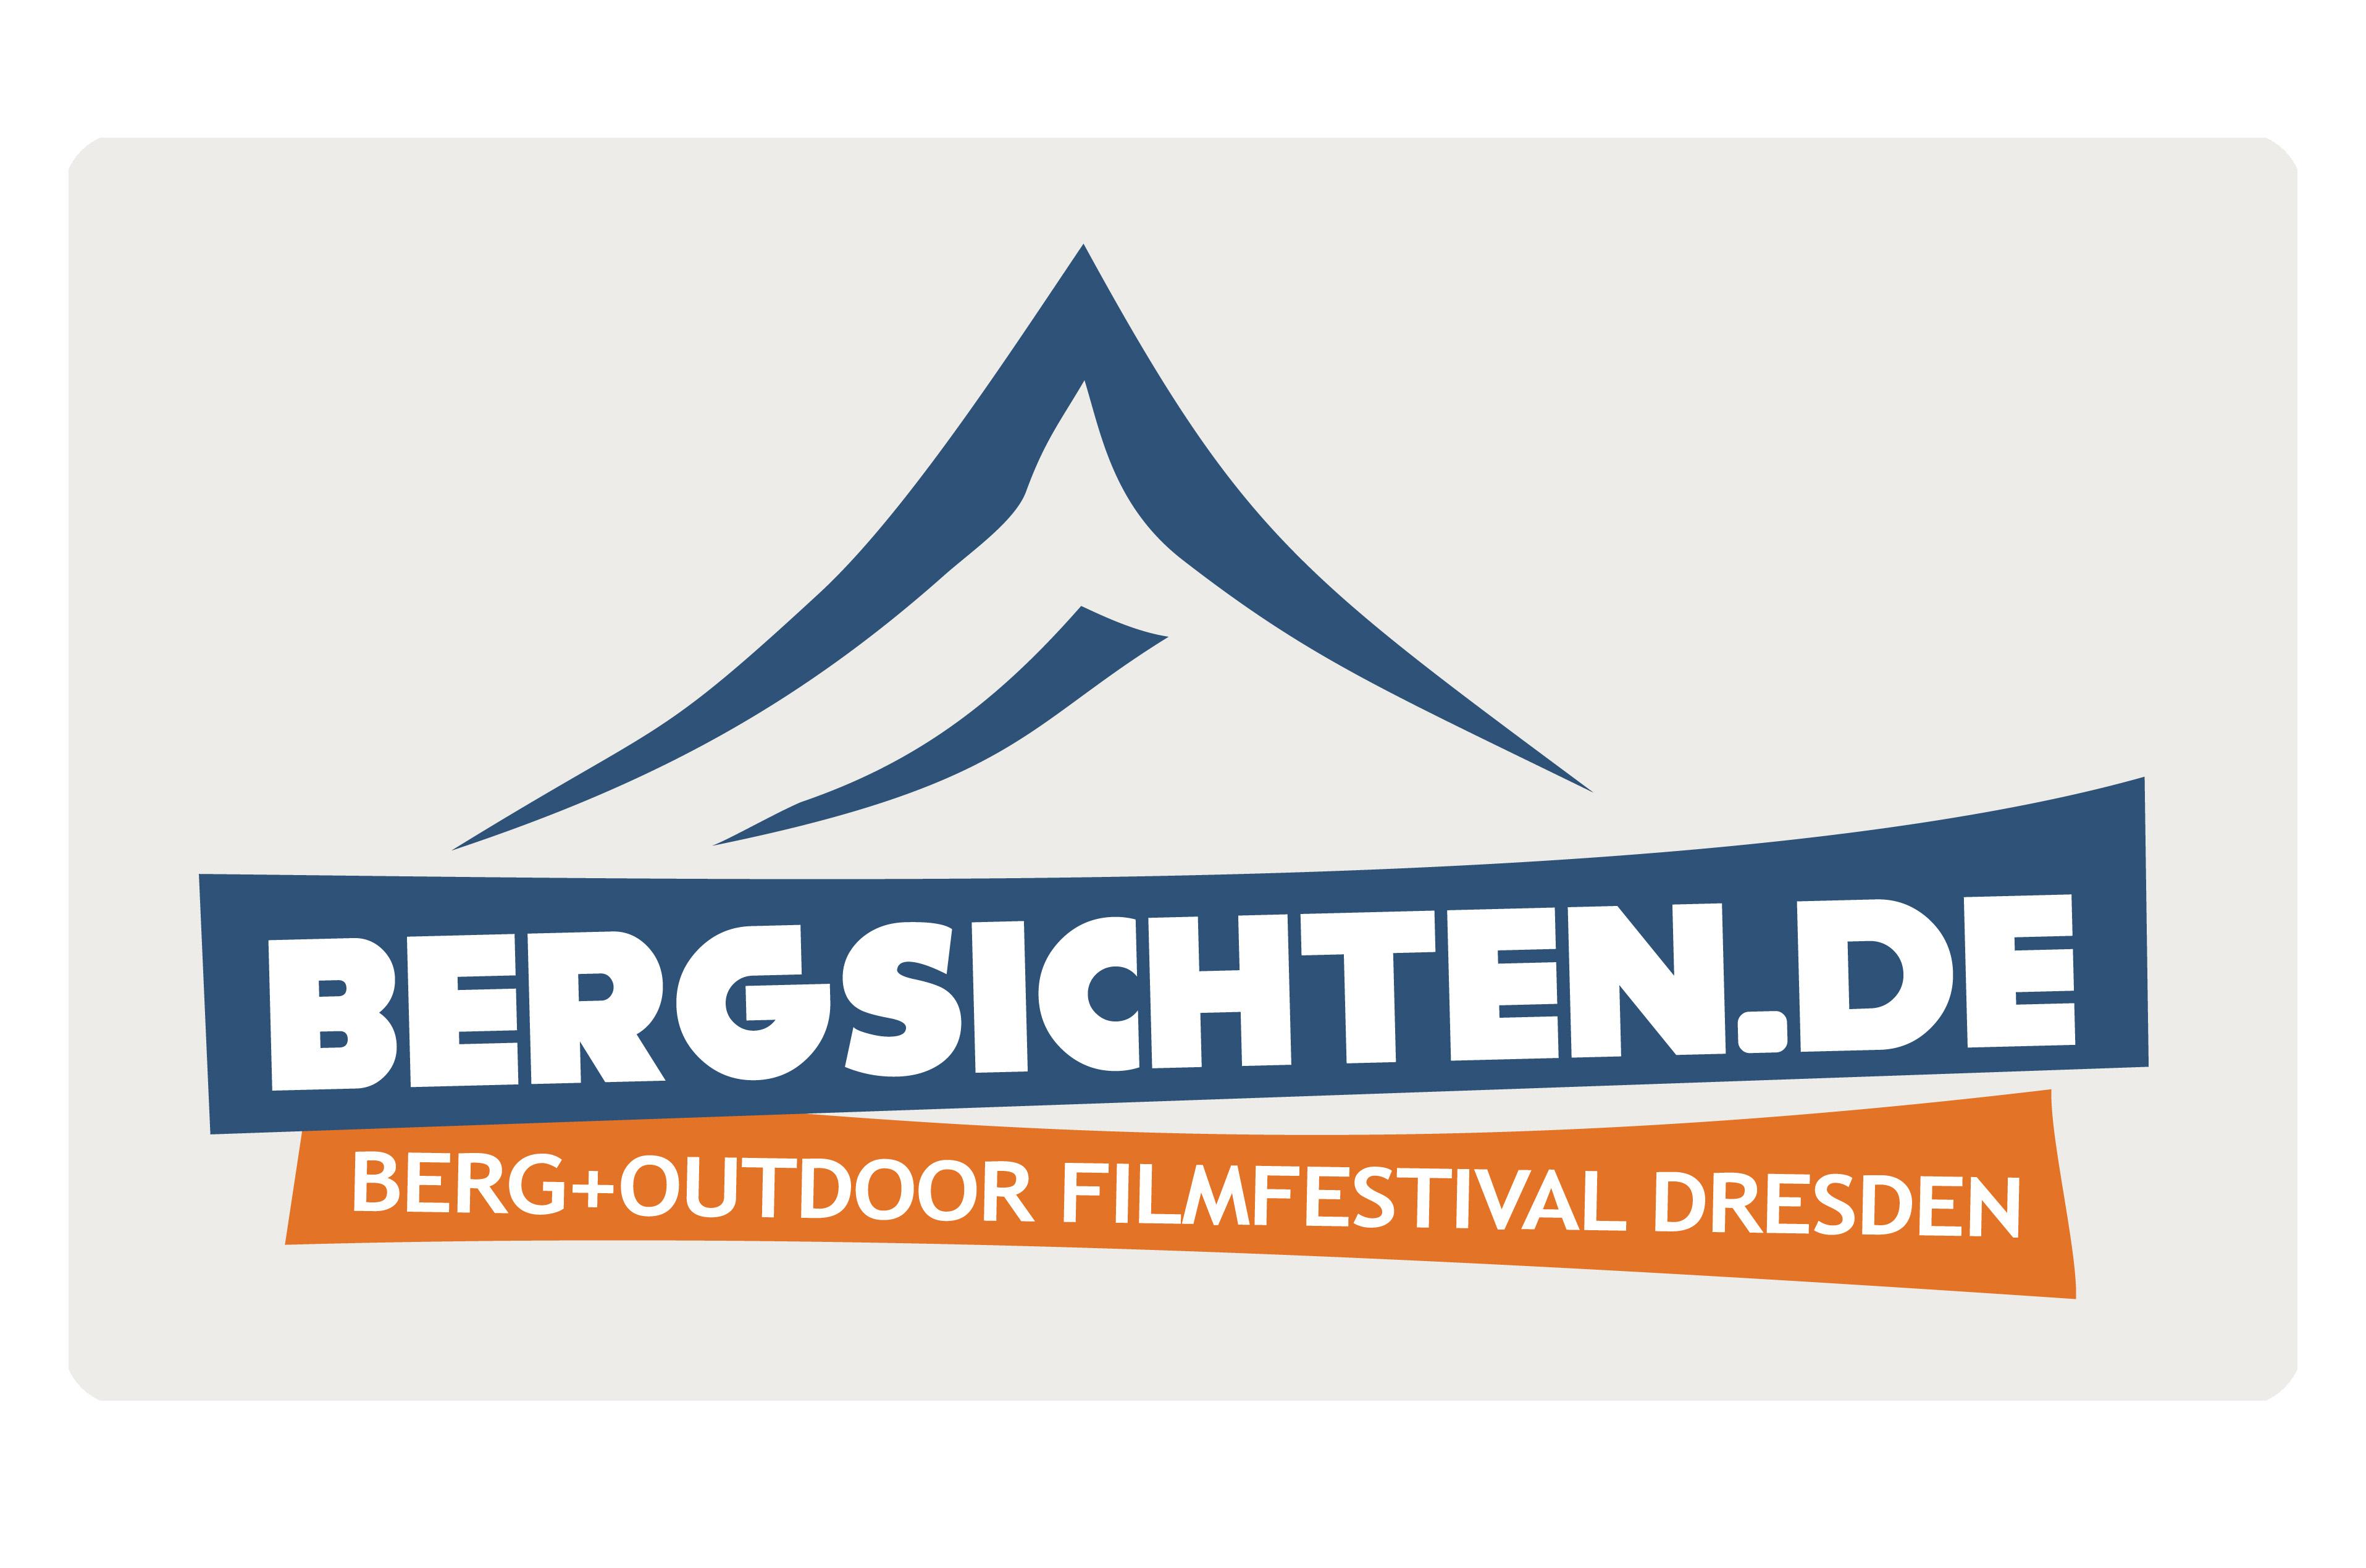 logo Bergsichten